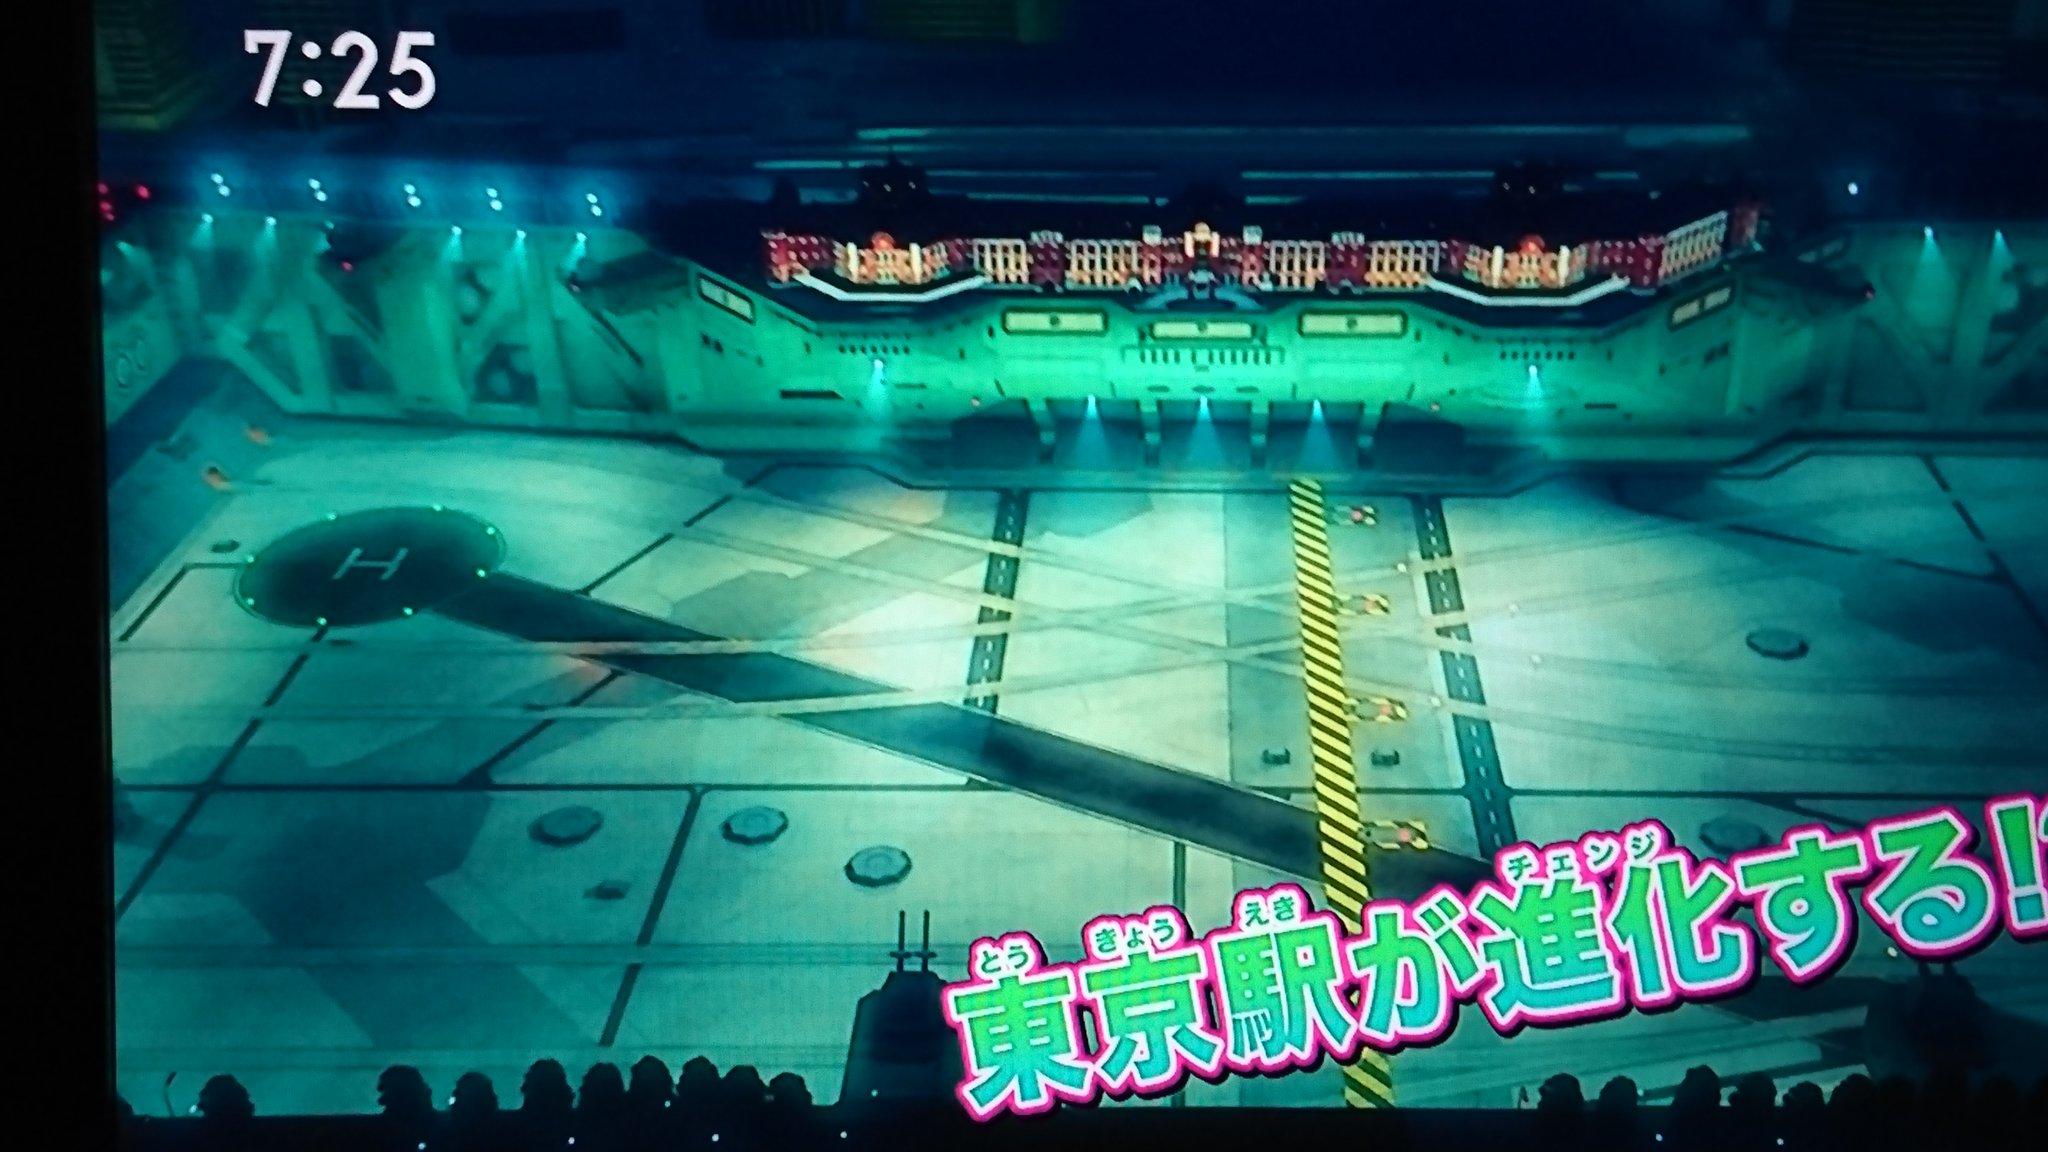 東京駅が決戦の舞台に! #シンカリオン https://t.co/cGTHvzrVZx